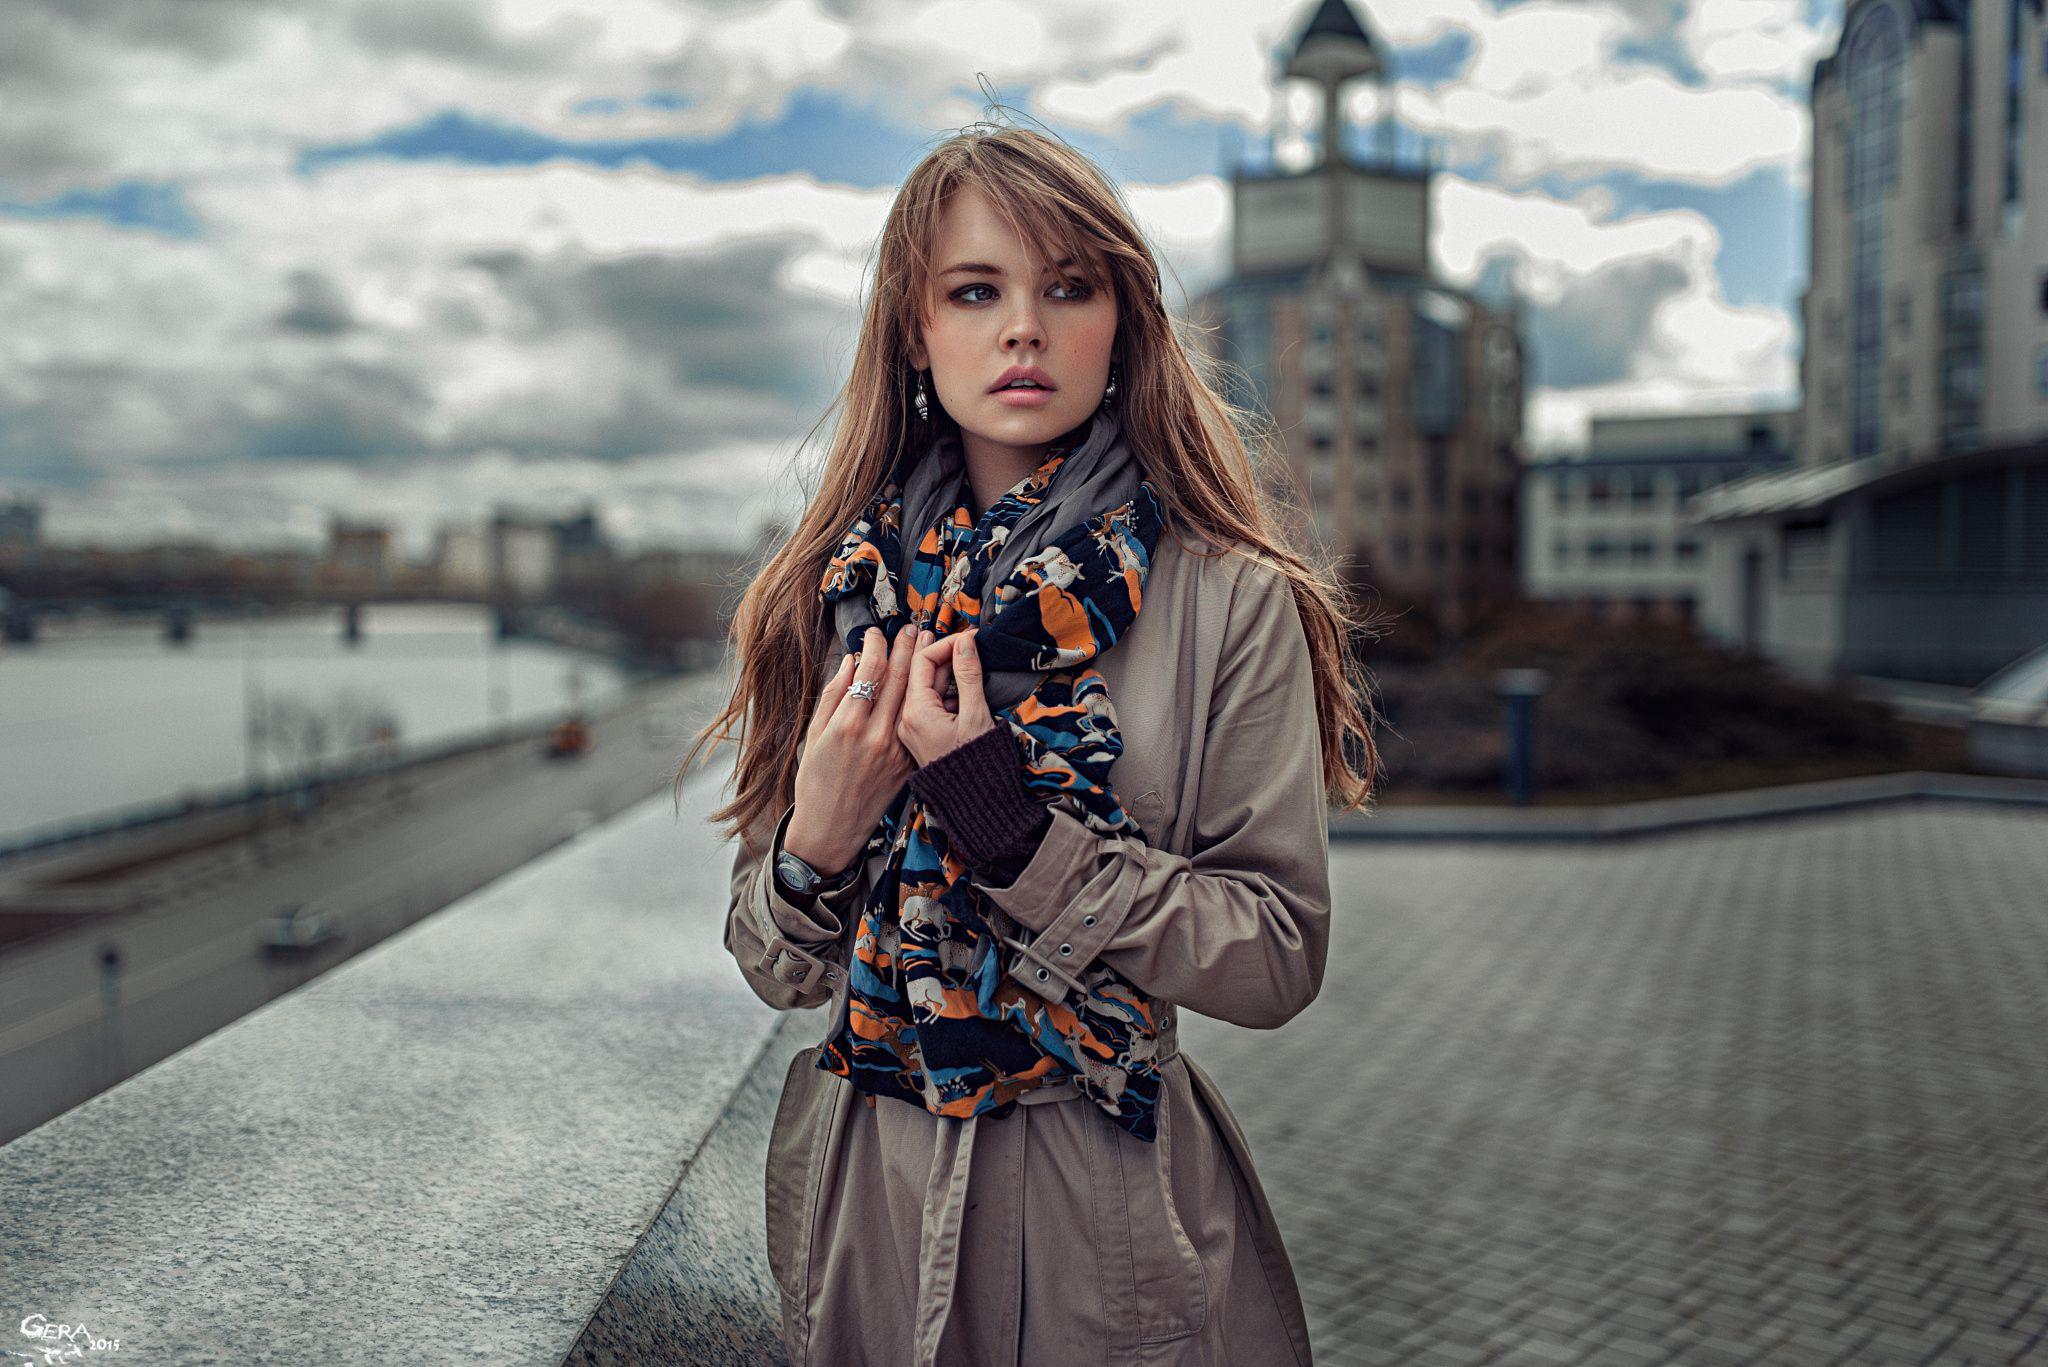 Nastya By Георгий Чернядьев (Georgiy Chernyadyev) On 500px